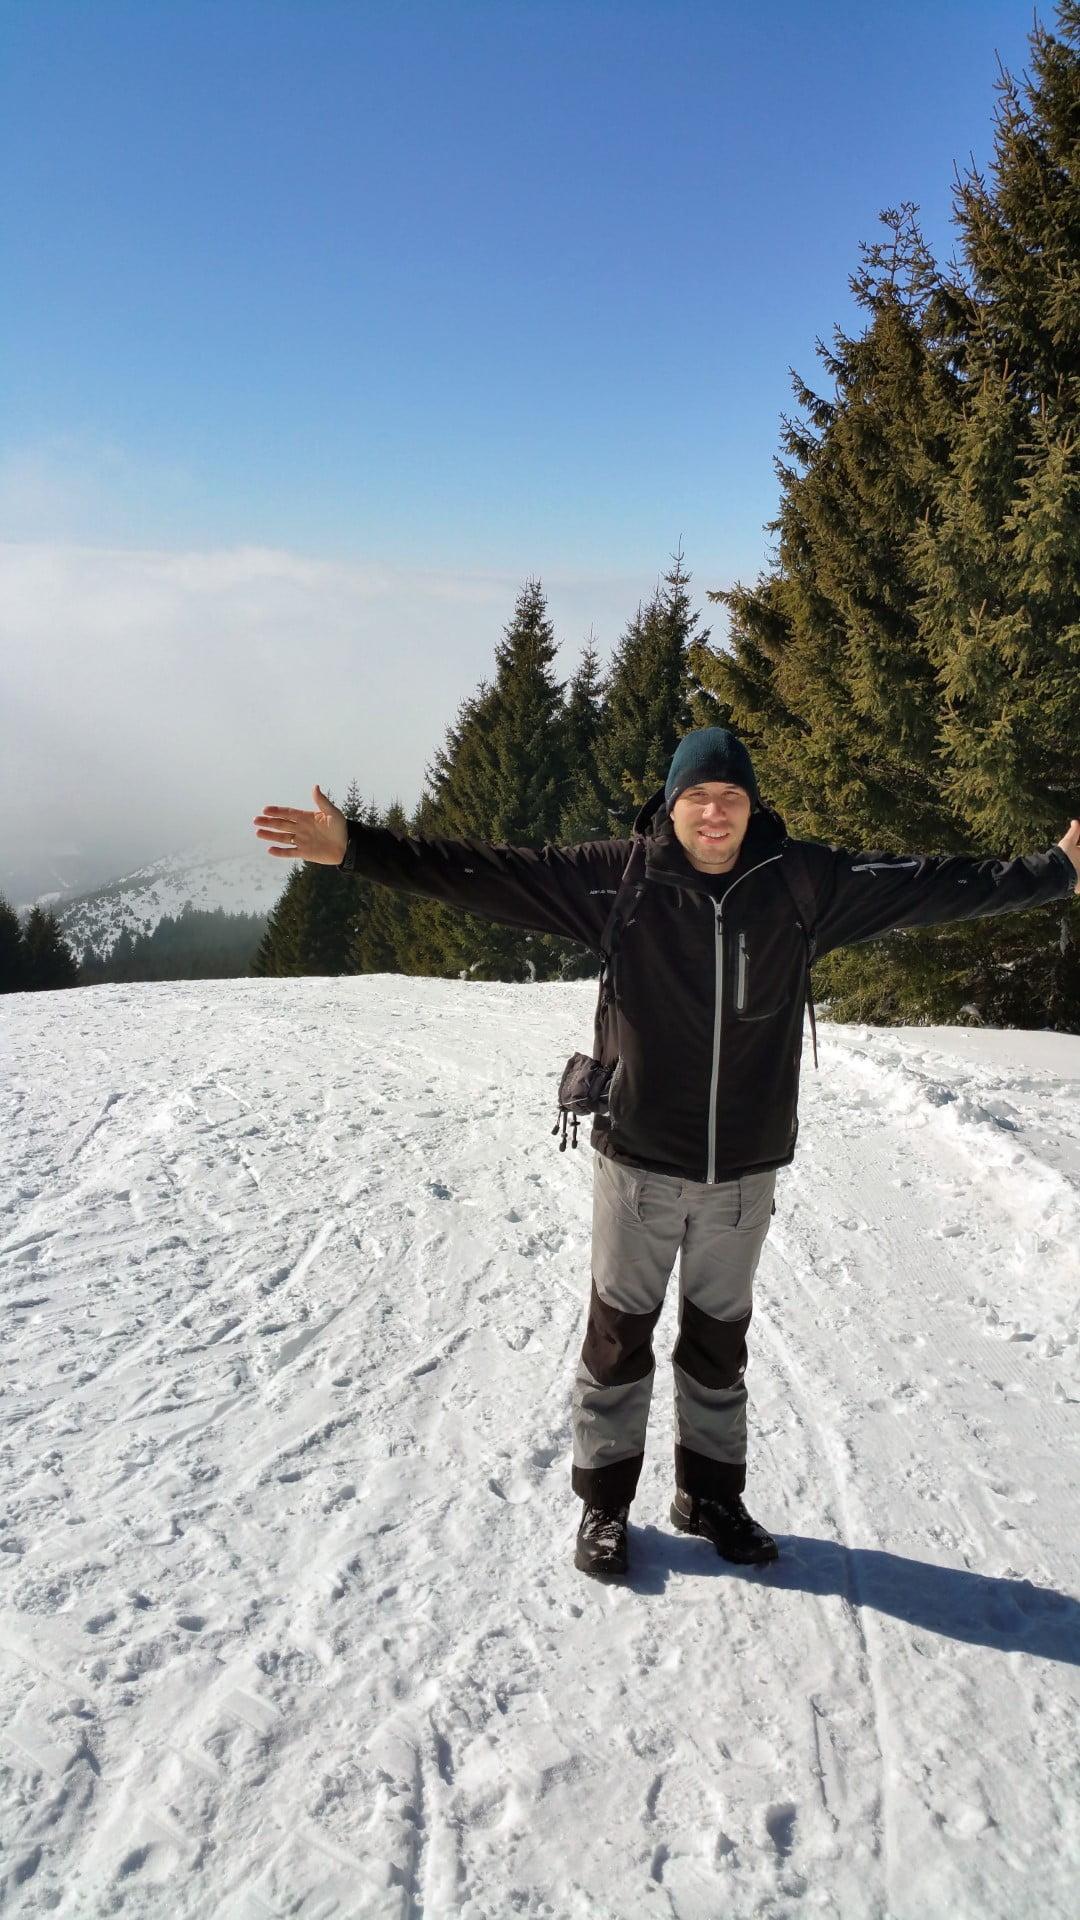 Srbija_Planina_Golija_Zimovanje_2021_First_minute_aktivni_o_autobusom_skijanje_povoljno